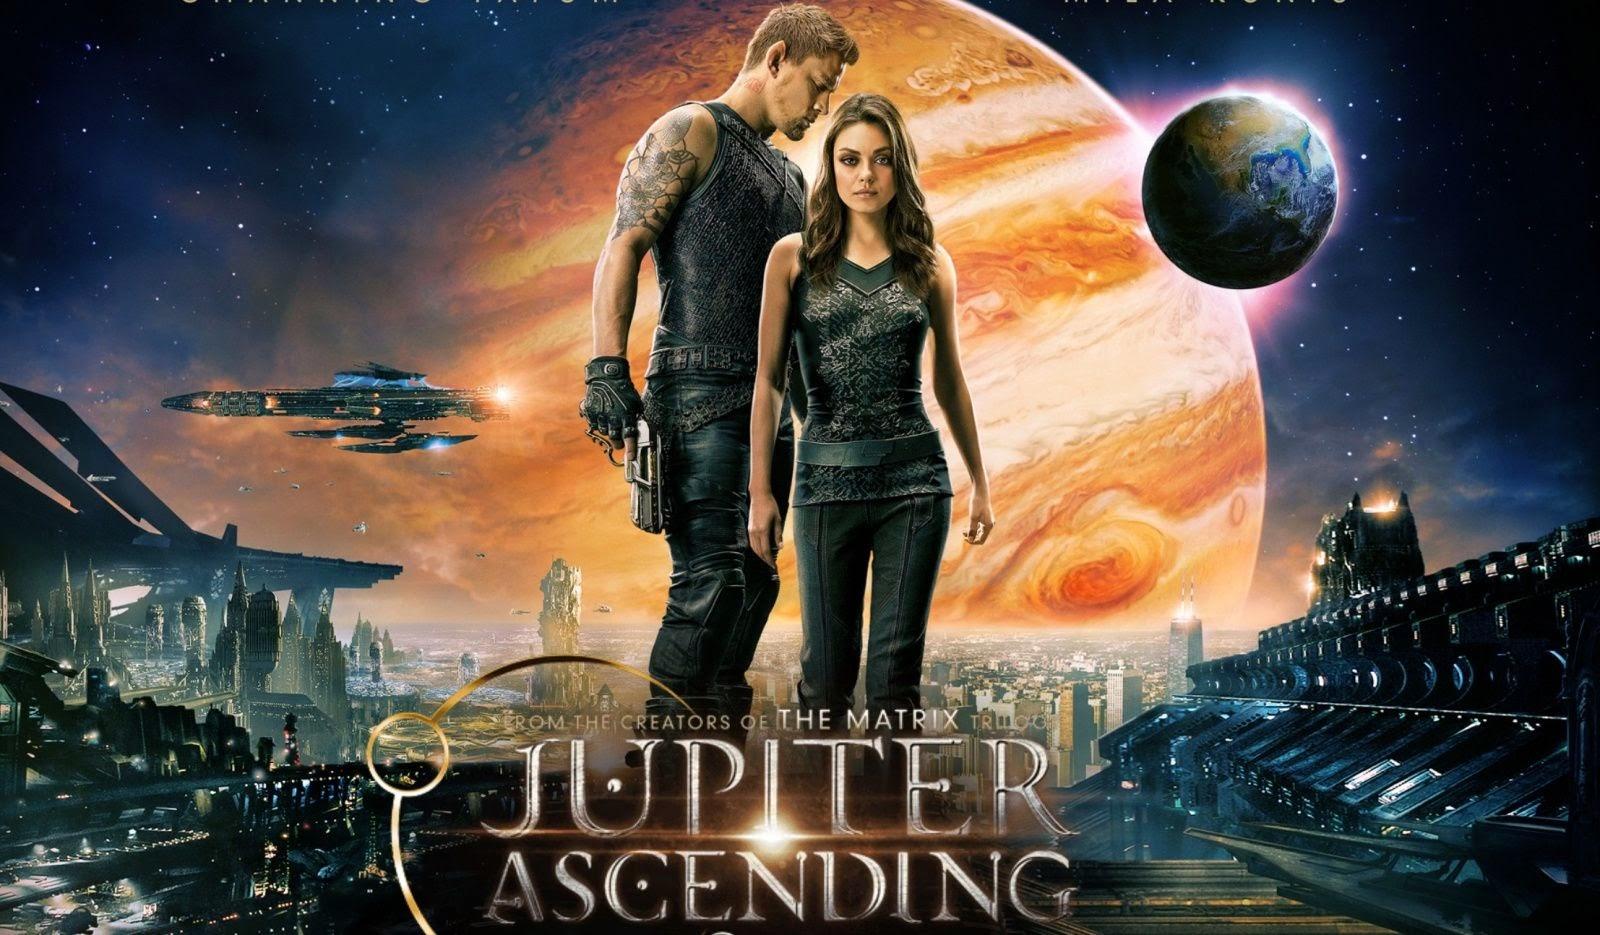 http://2.bp.blogspot.com/-9zeaiGDvSMo/VNLBz__mPiI/AAAAAAABfvM/HOHstHEiiso/s1600/Jupiter-Ascending.jpg